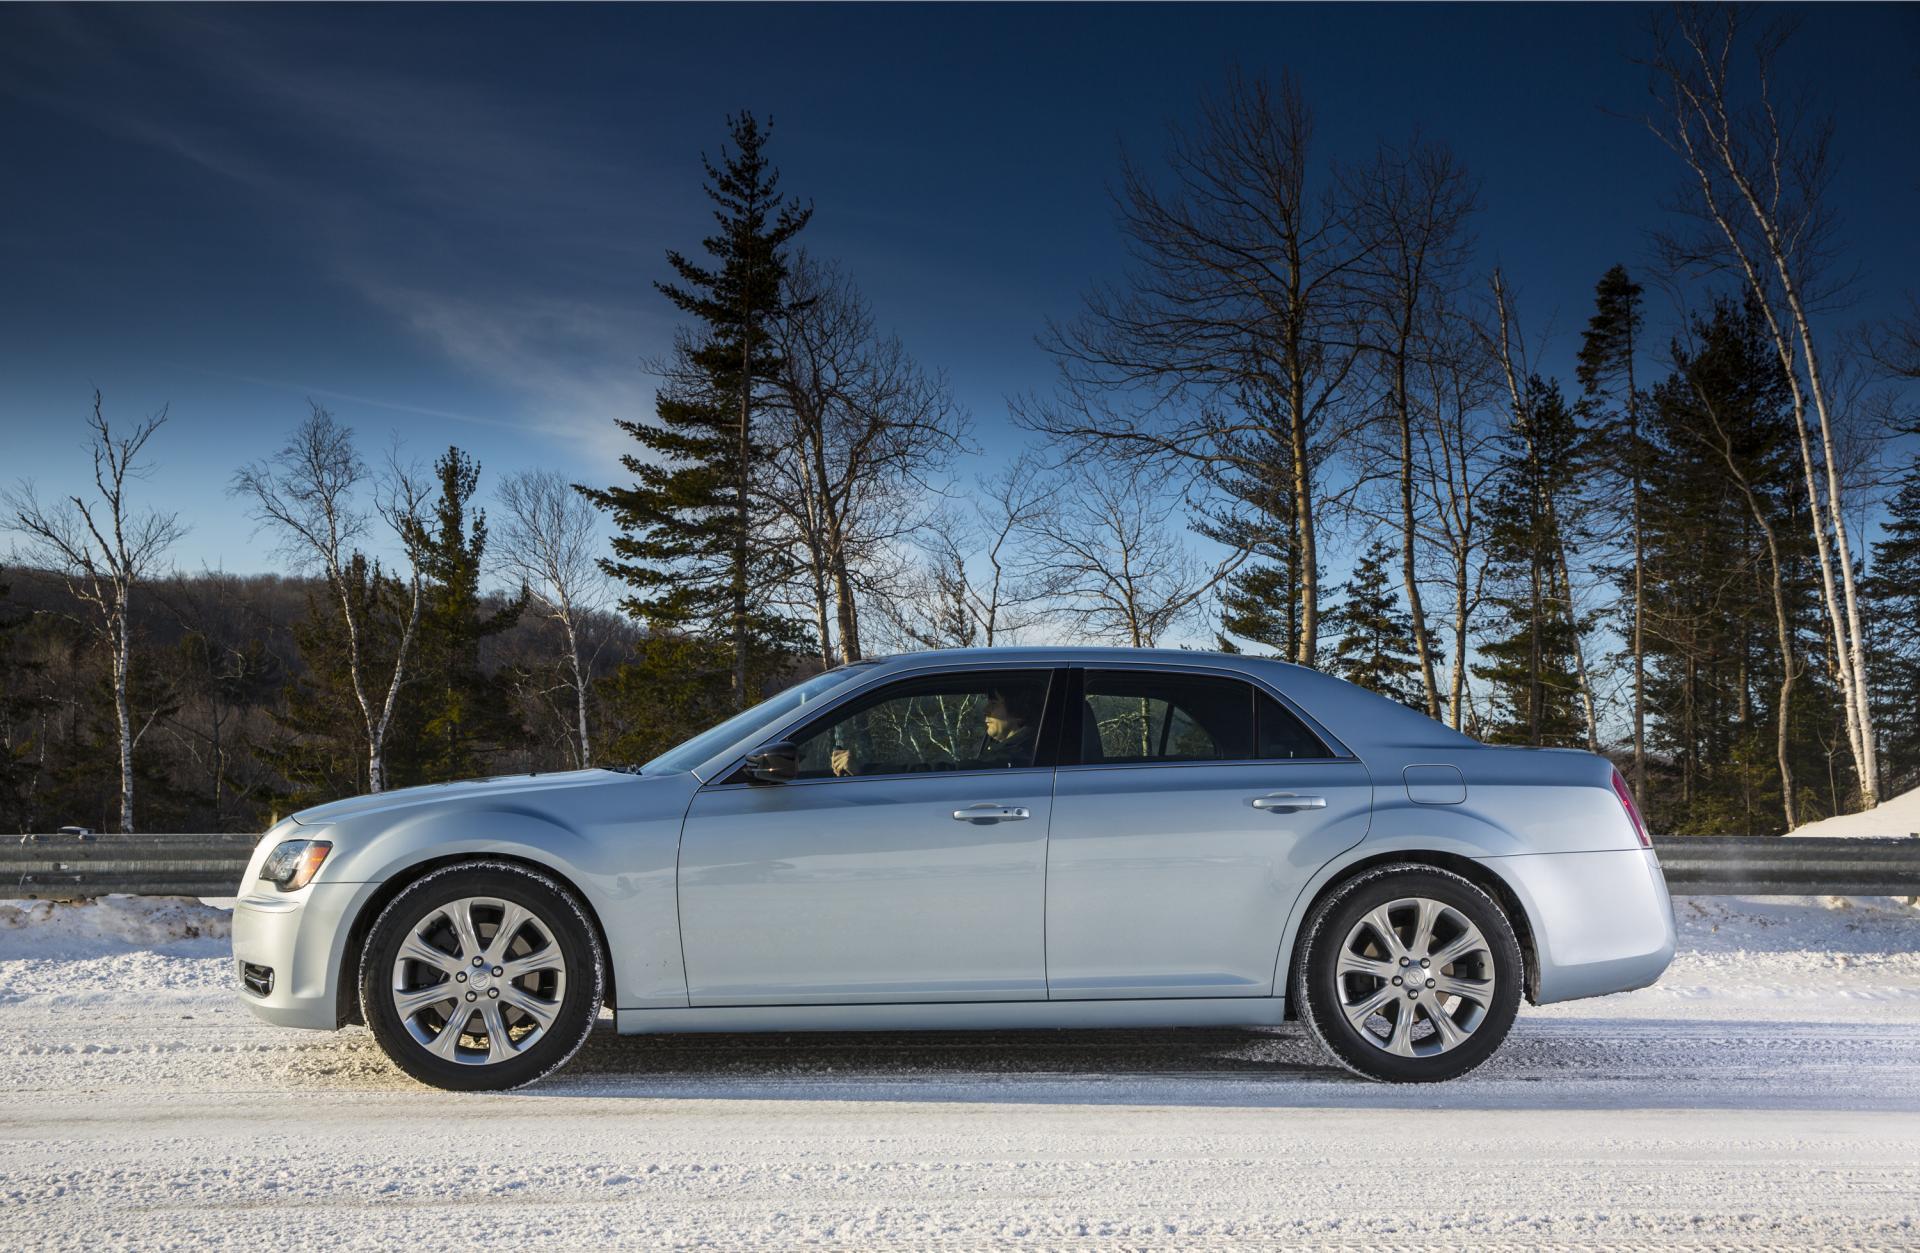 Antique Vintage Cars >> 2013 Chrysler 300 Glacier News and Information